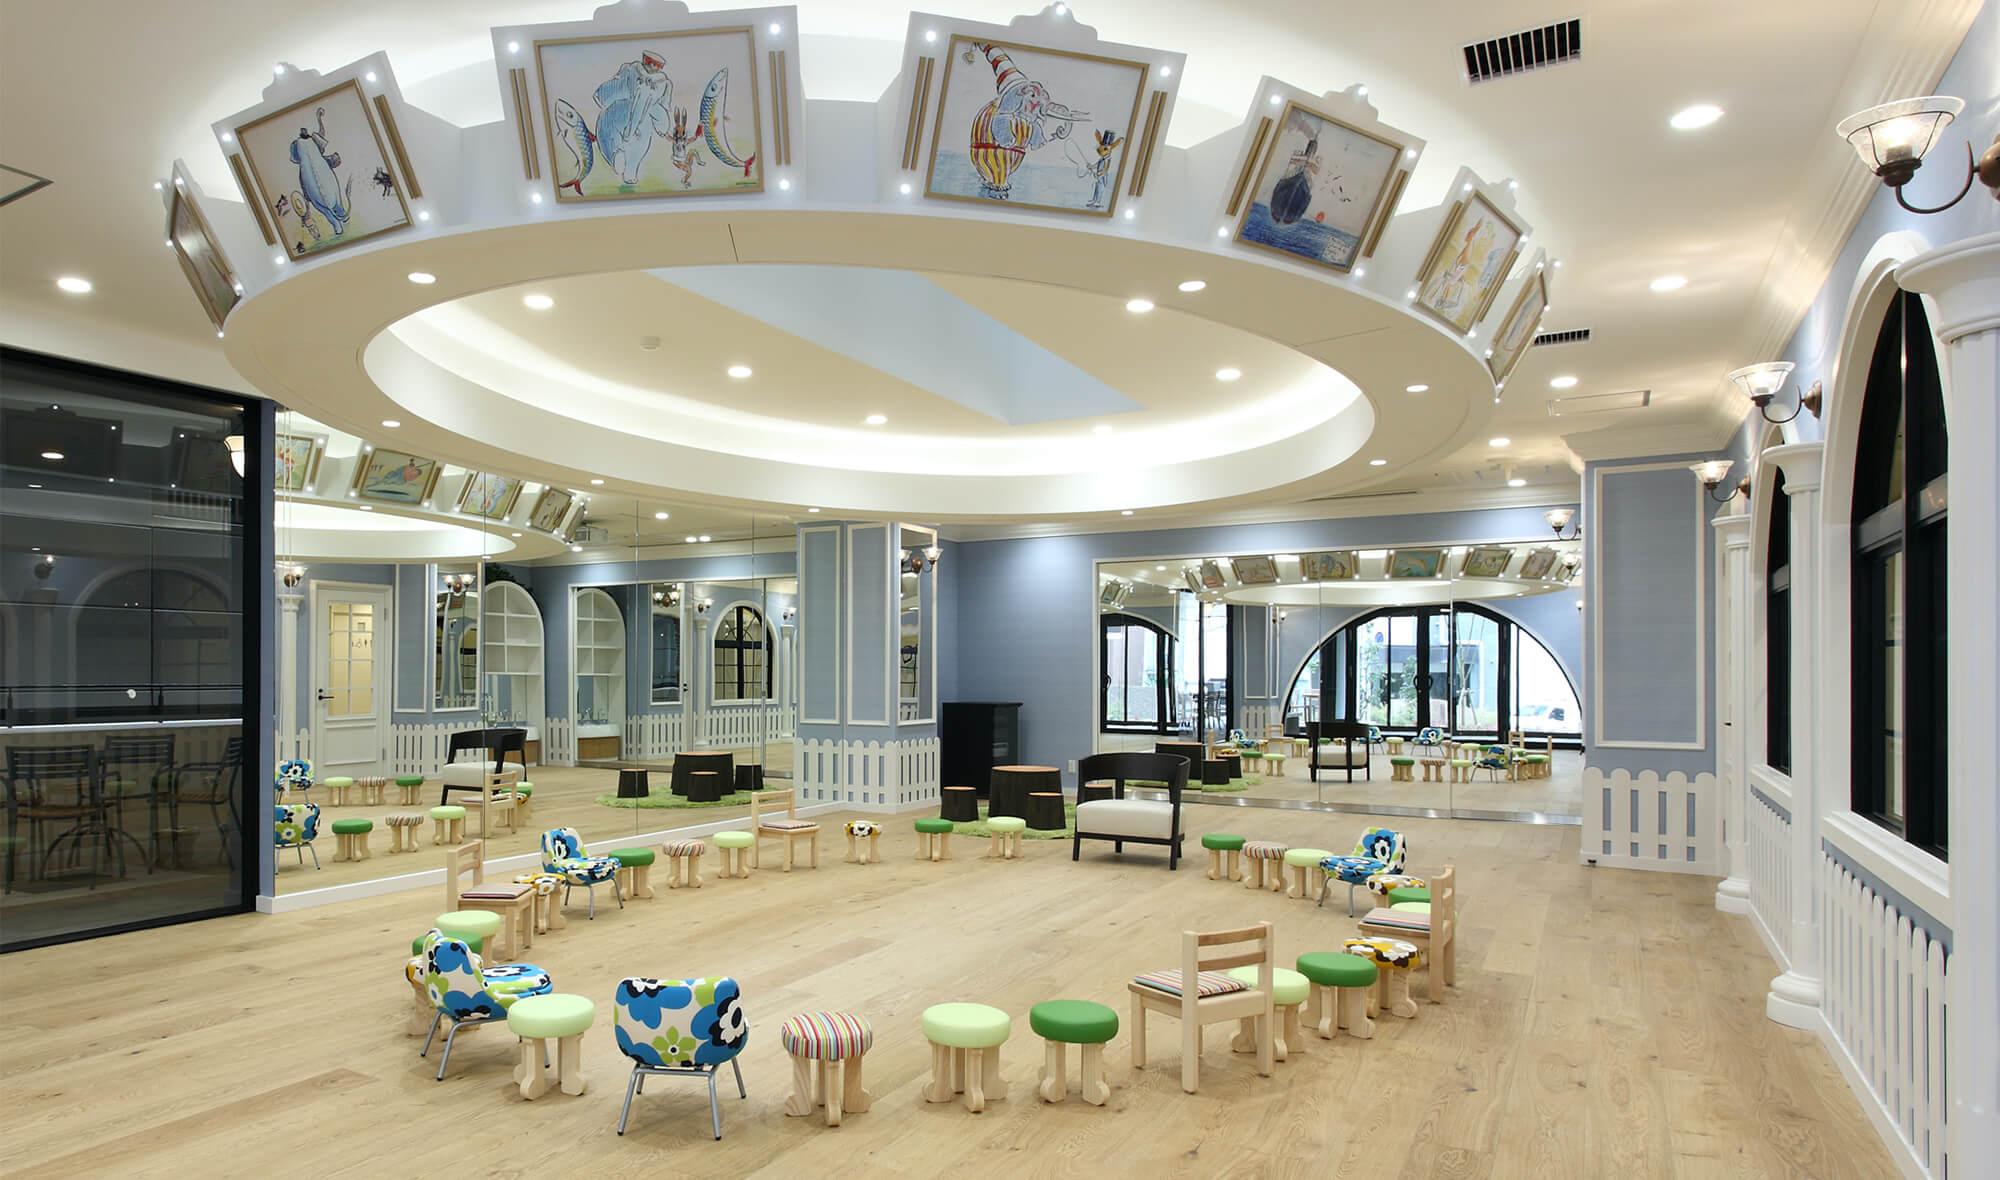 キッズルーム メリーゴーランドのような吊天井に楽しい絵画を飾った